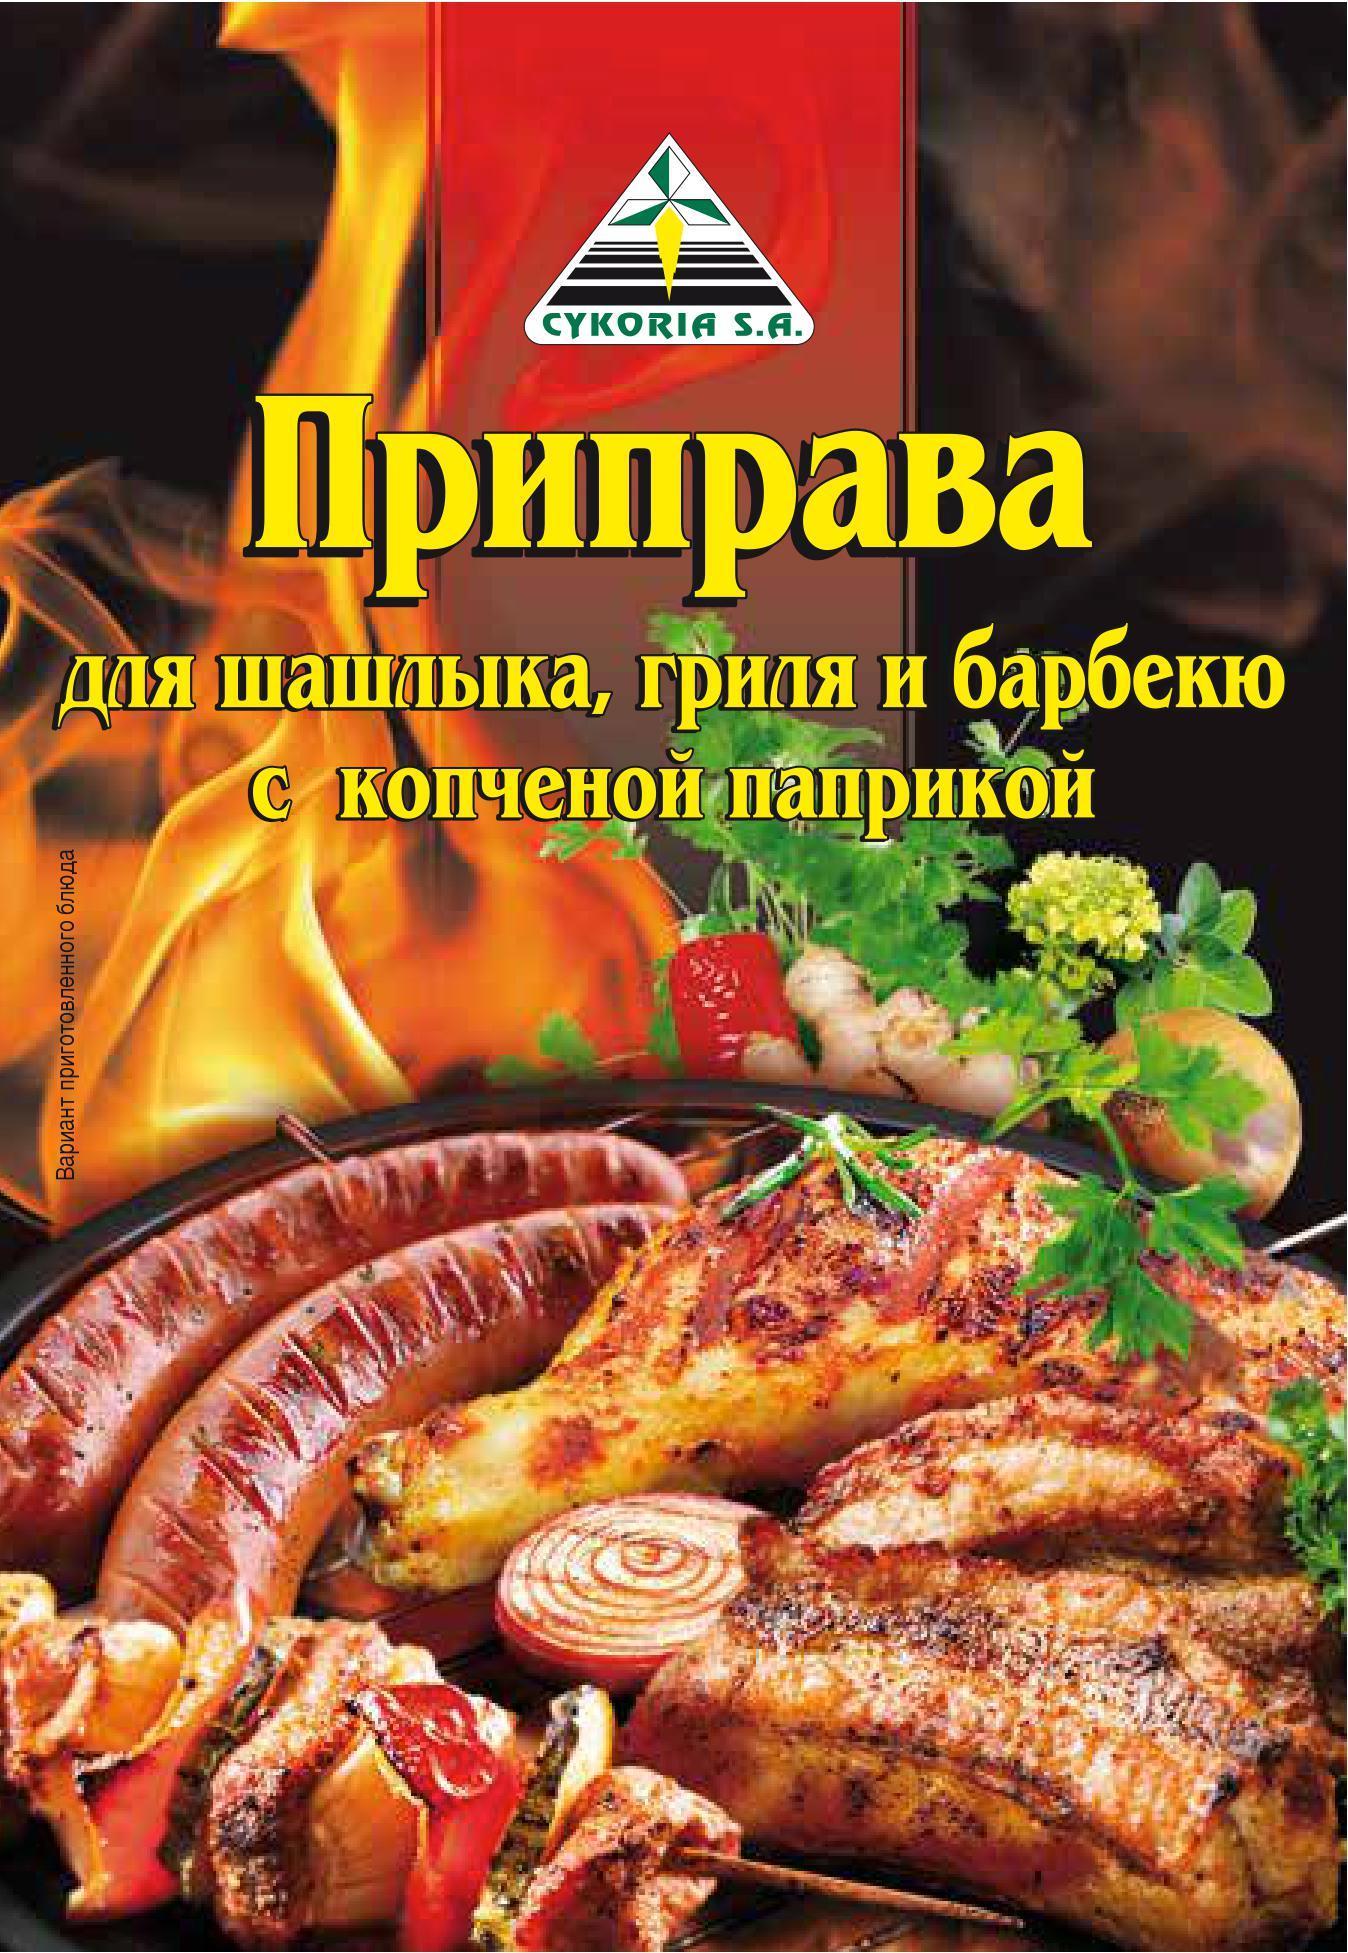 Приправа для шашлыка, гриля и барбекю с копченой паприкой, 35г